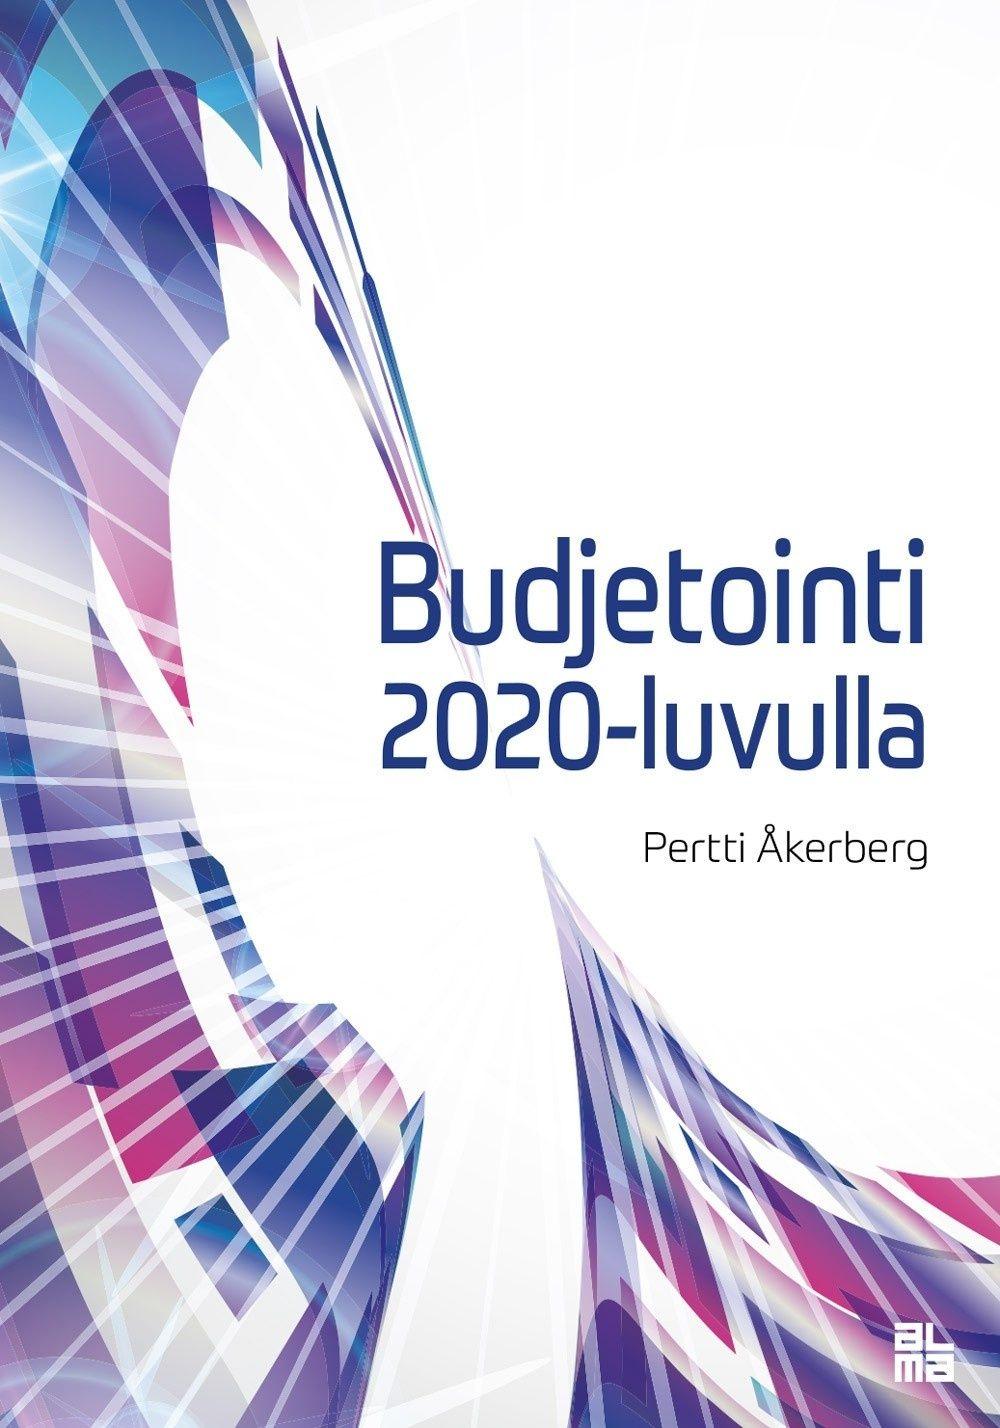 Budjetointi 2020-luvulla / Åkerberg, Pertti.